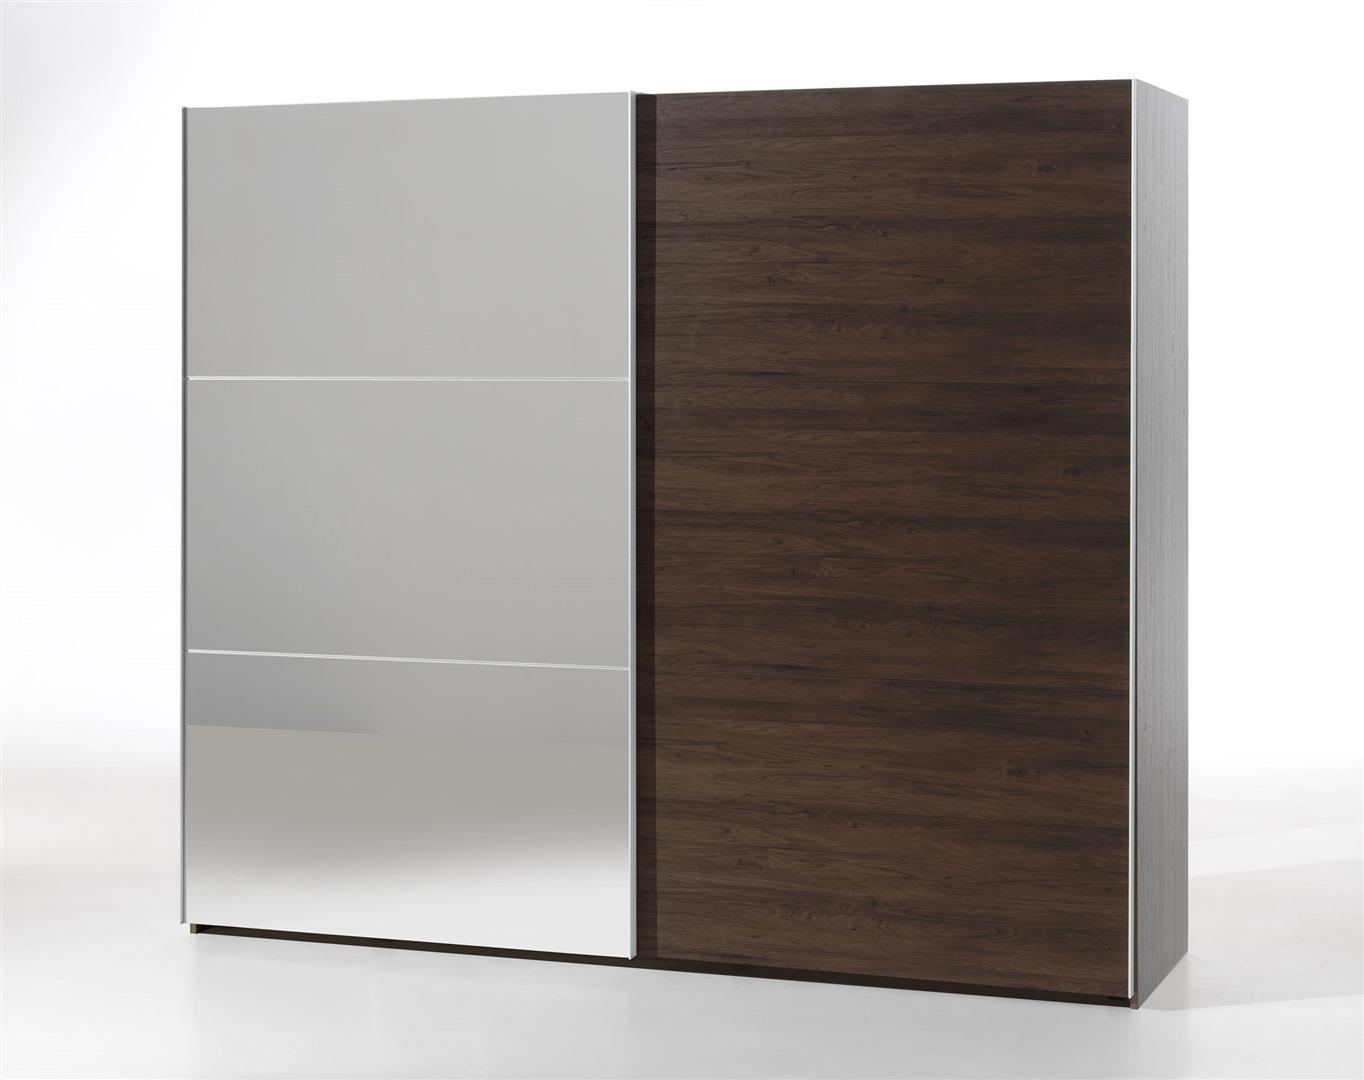 Kleerkast Met Spiegel : Kleerkast cm schuifdeuren spiegel in noot krea